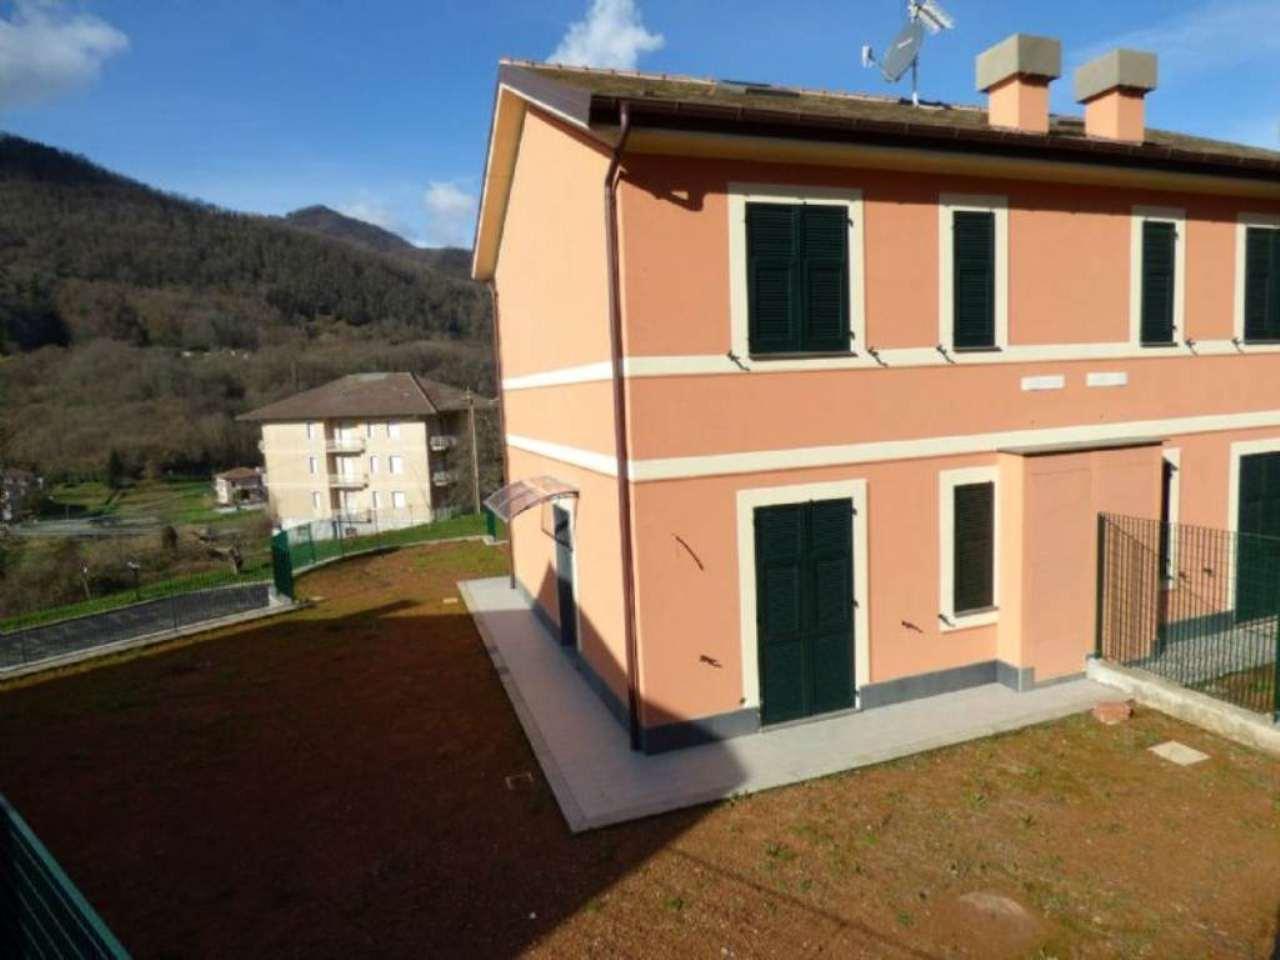 Villa in vendita a San Colombano Certenoli, 5 locali, prezzo € 220.000 | Cambio Casa.it